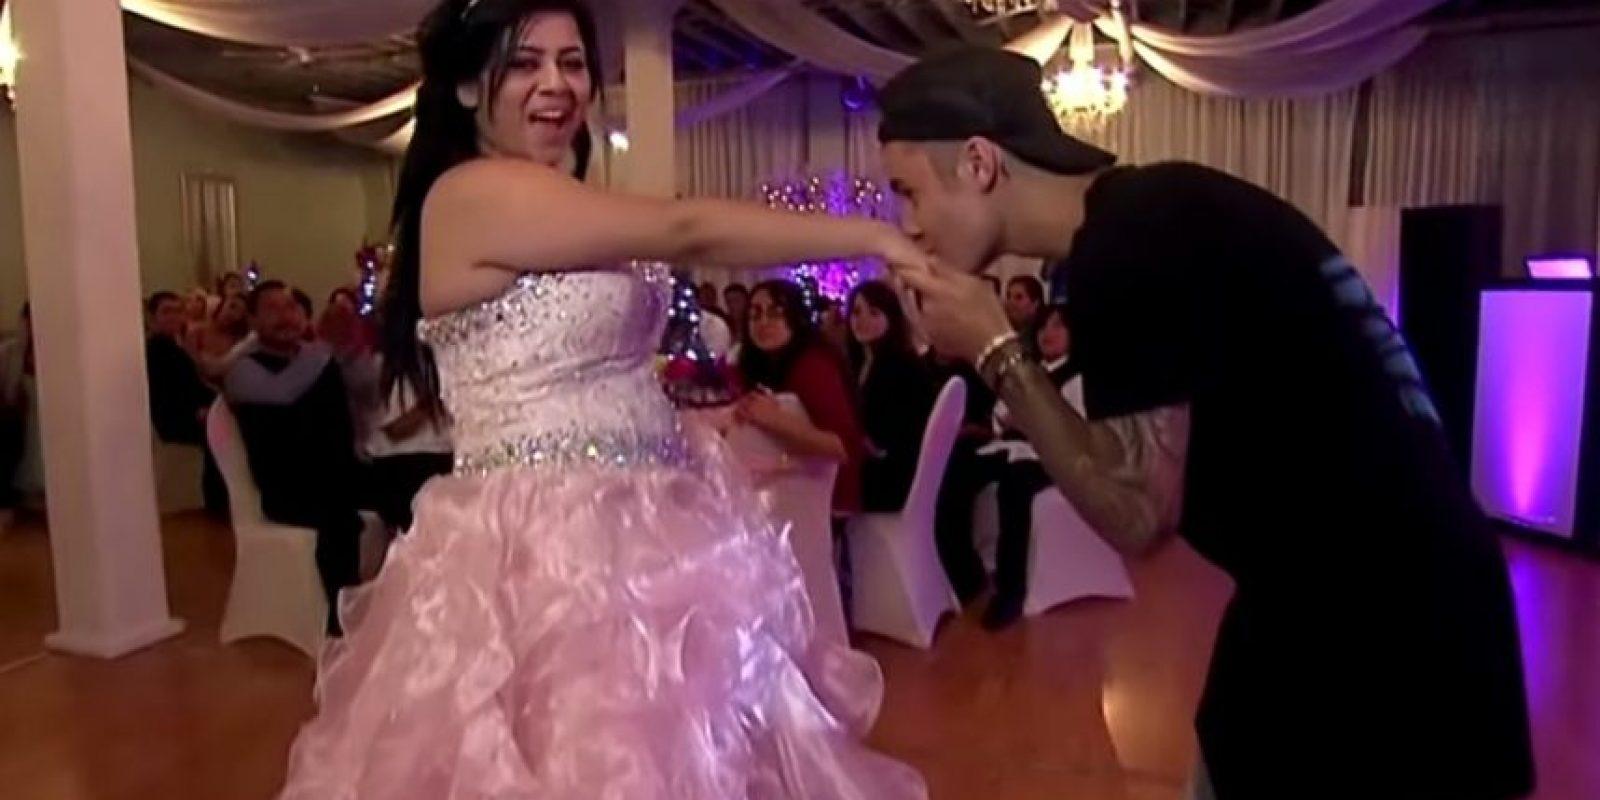 Ya en la celebración Bieber bailó con la quinceañera y se mostró realmente tierno con ella. Foto:FOX